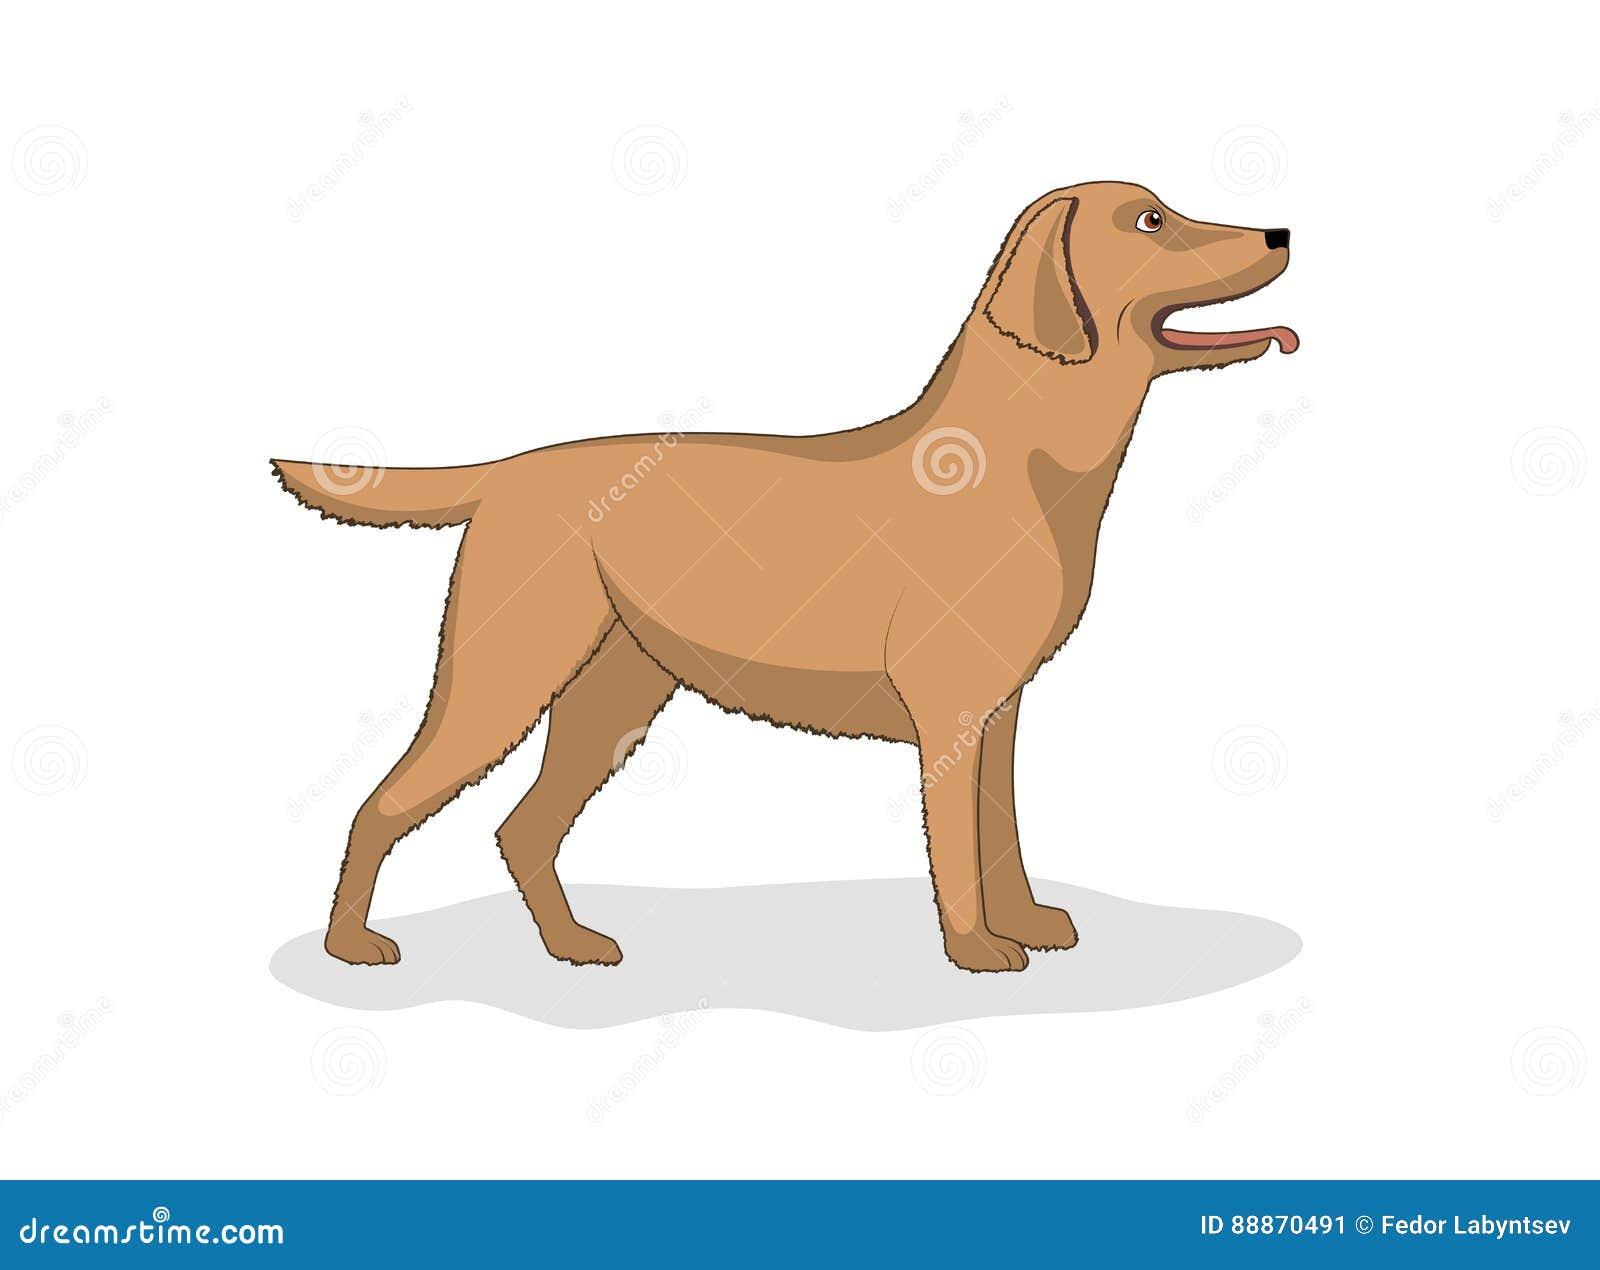 Dessin d 39 un chien de race labrador illustration de - Dessin d un chien ...